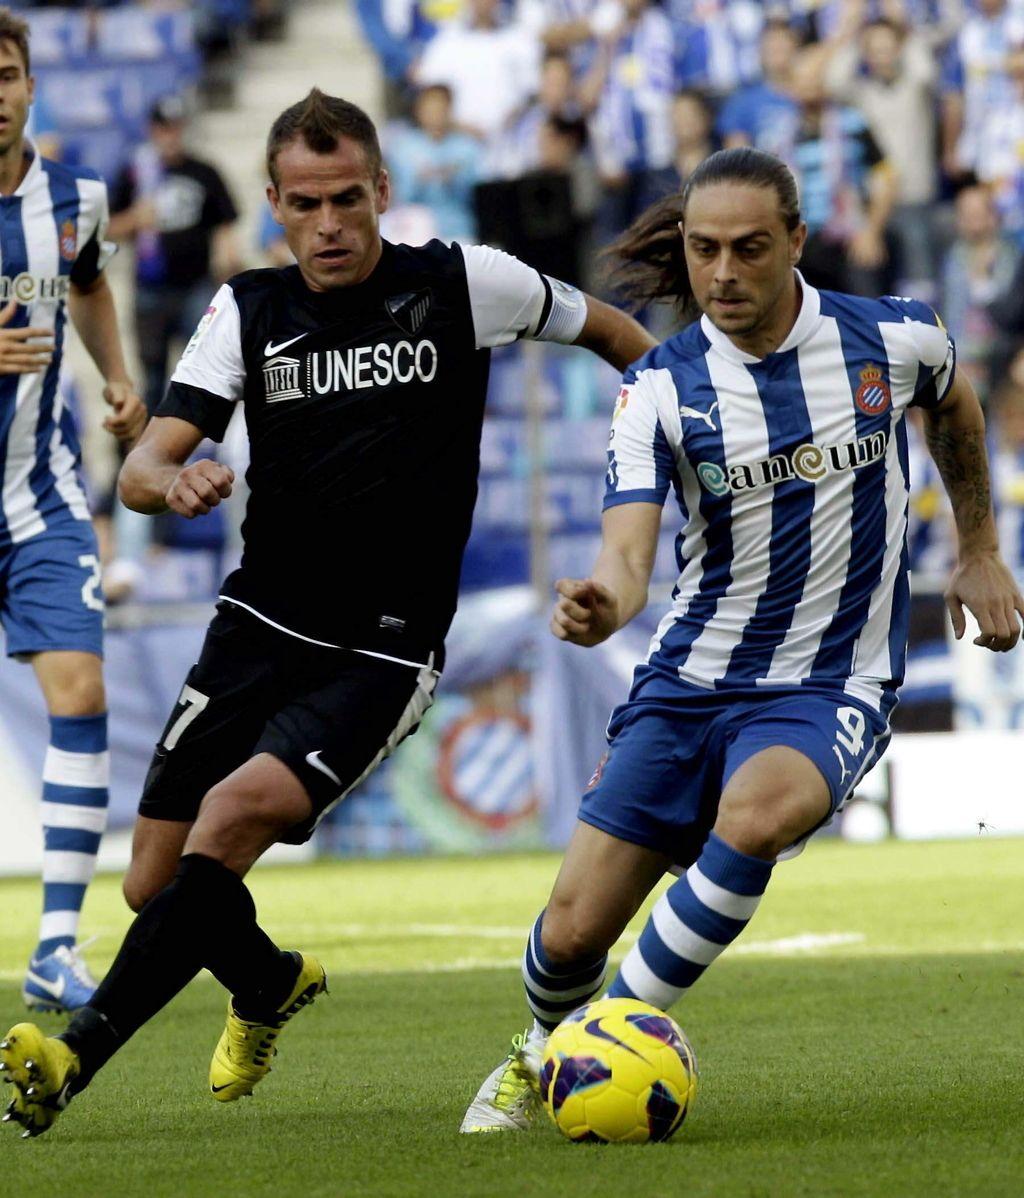 El Espanyol y el Málaga se enfrentan en Cornellá. Foto: EFE.